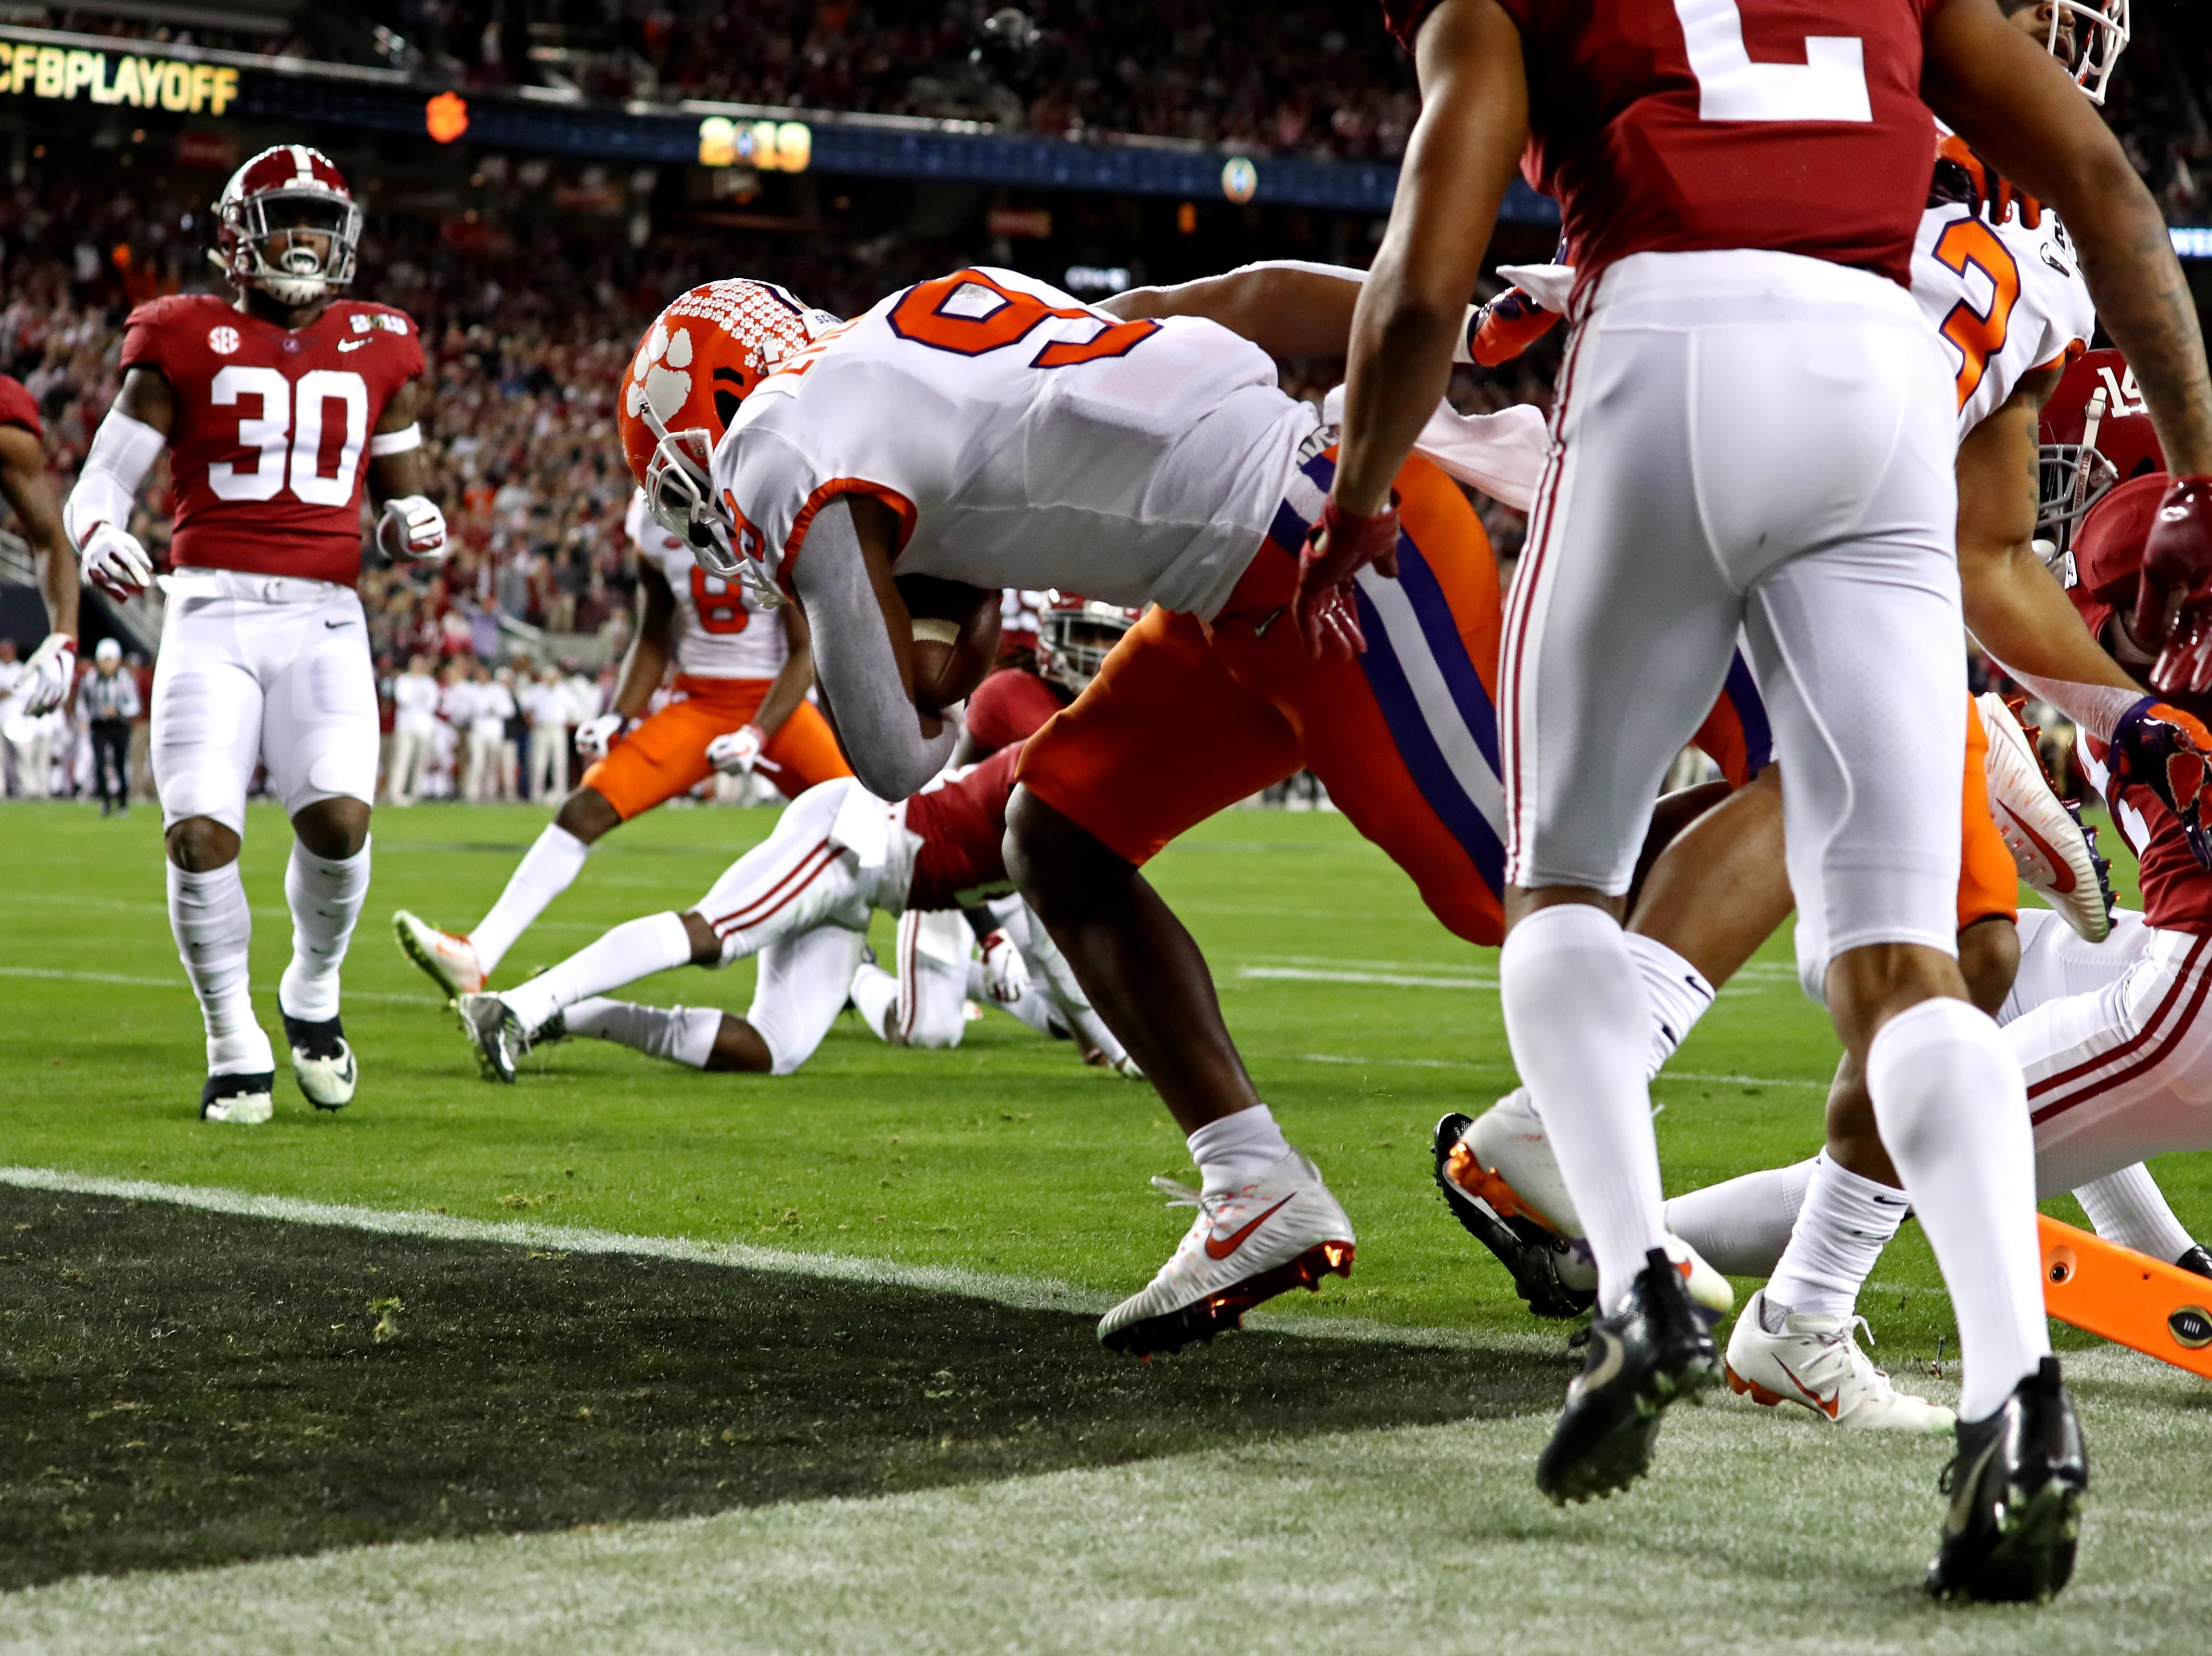 Clemson running back Travis Etienne scores a touchdown in the first quarter.